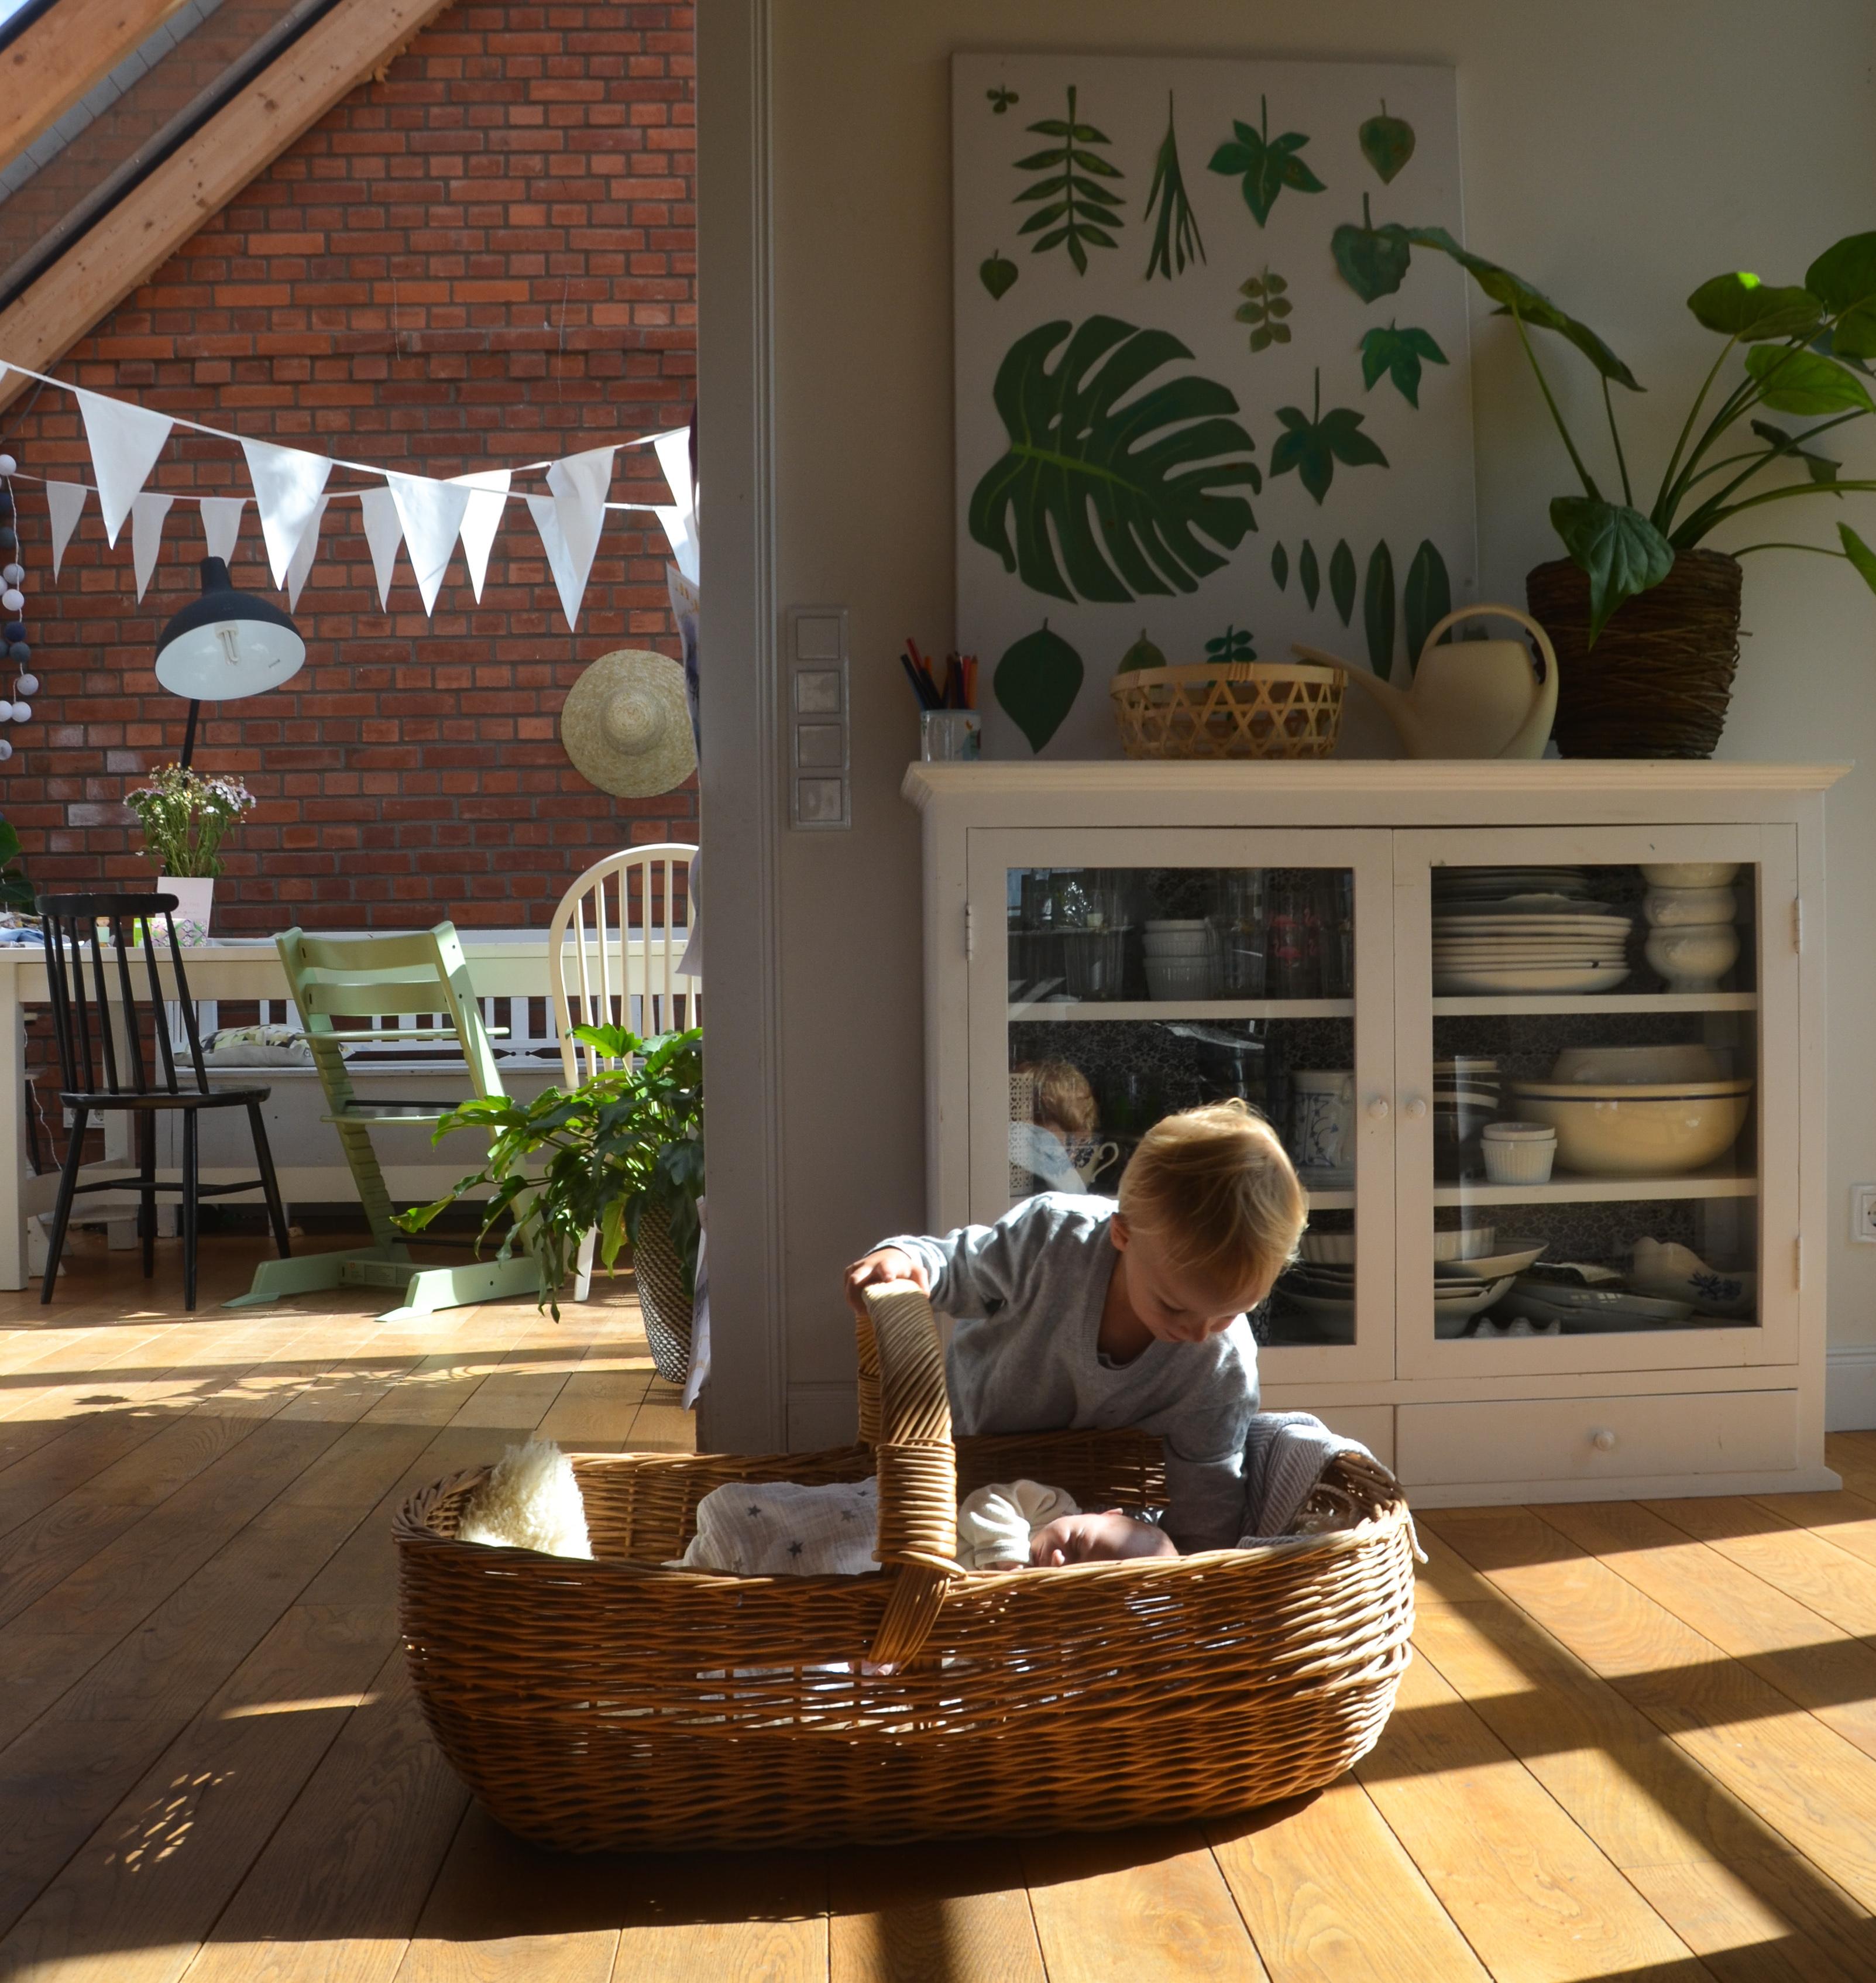 Eine Schöne Idee Für Ganz Besondere Babyfotos Oder Magie Für Ein